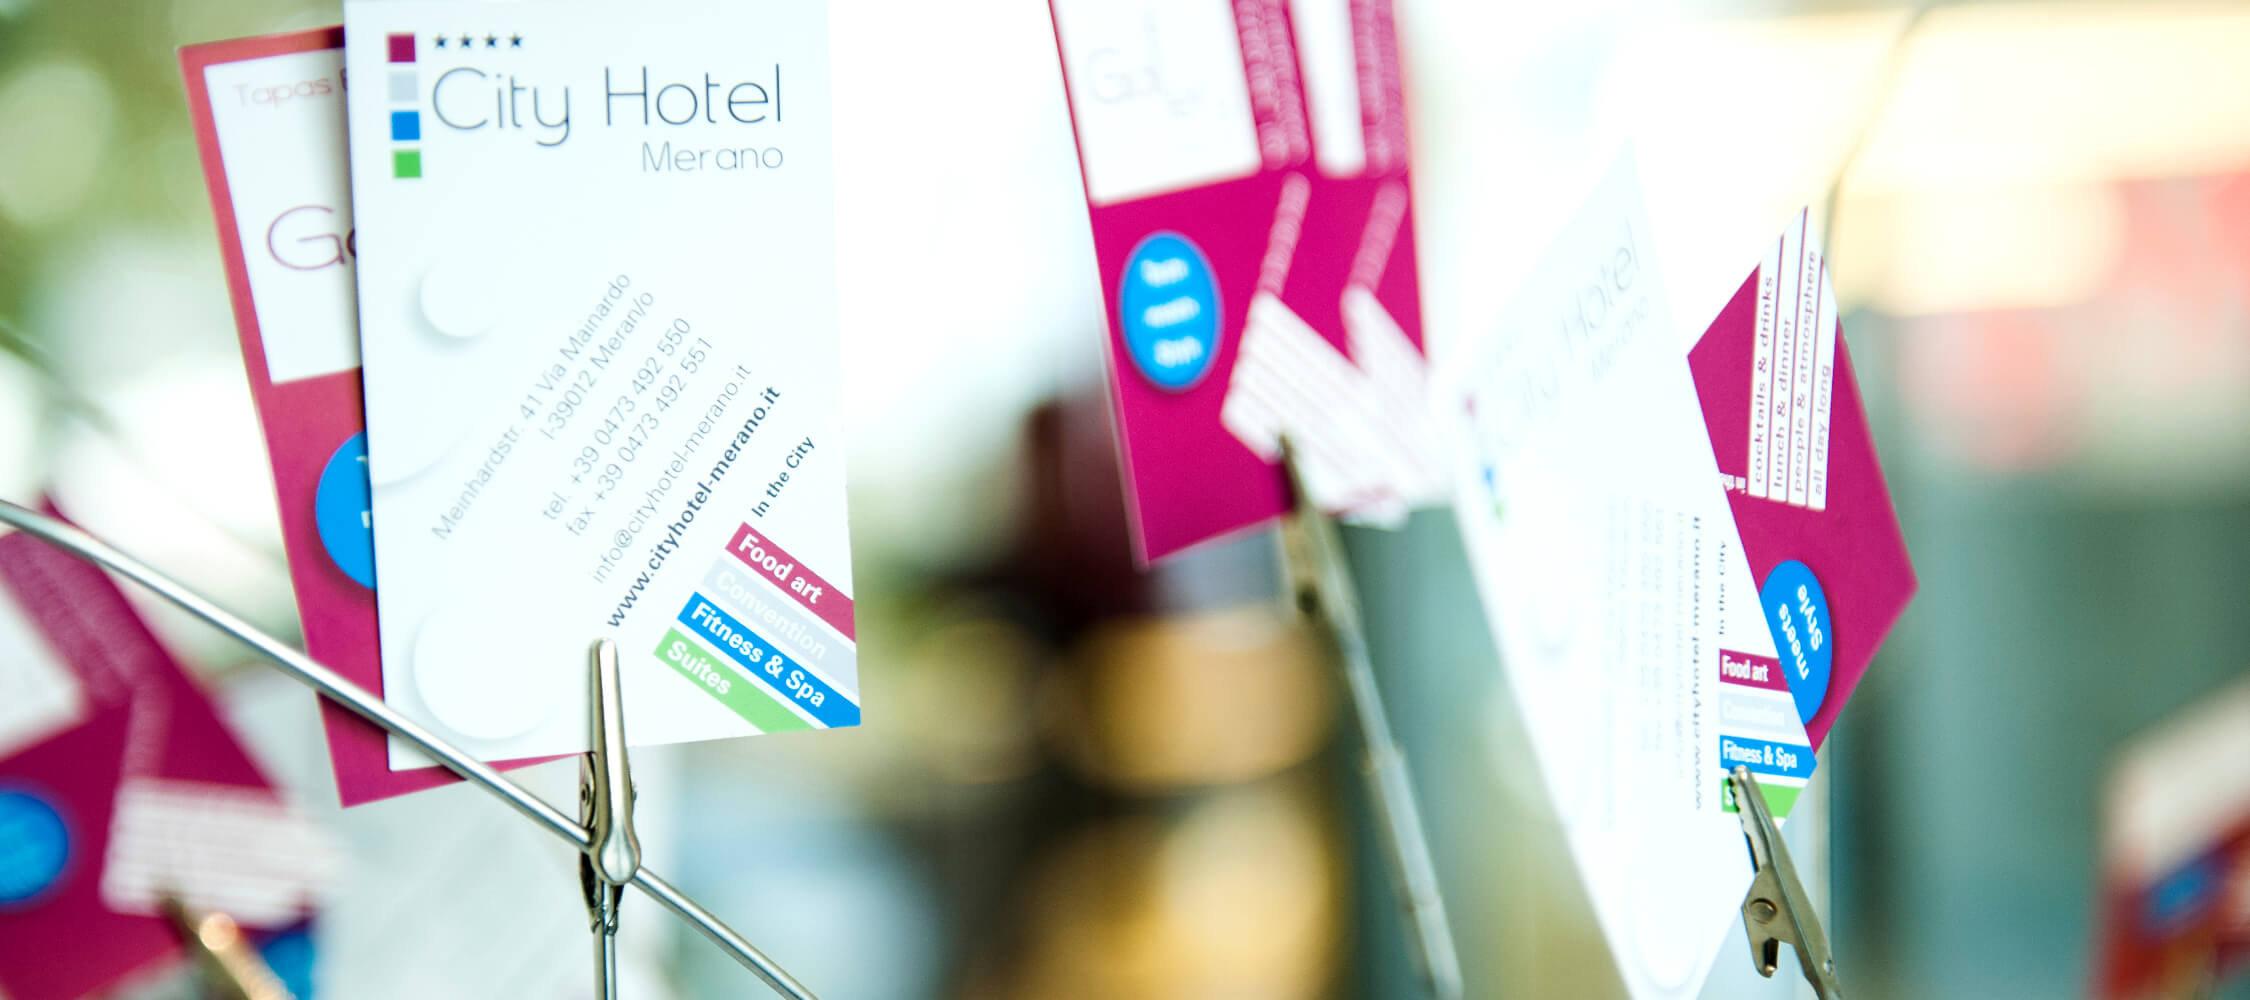 City Hotel Meran, 4-Sterne superior, modernes Design mit frischen Farben